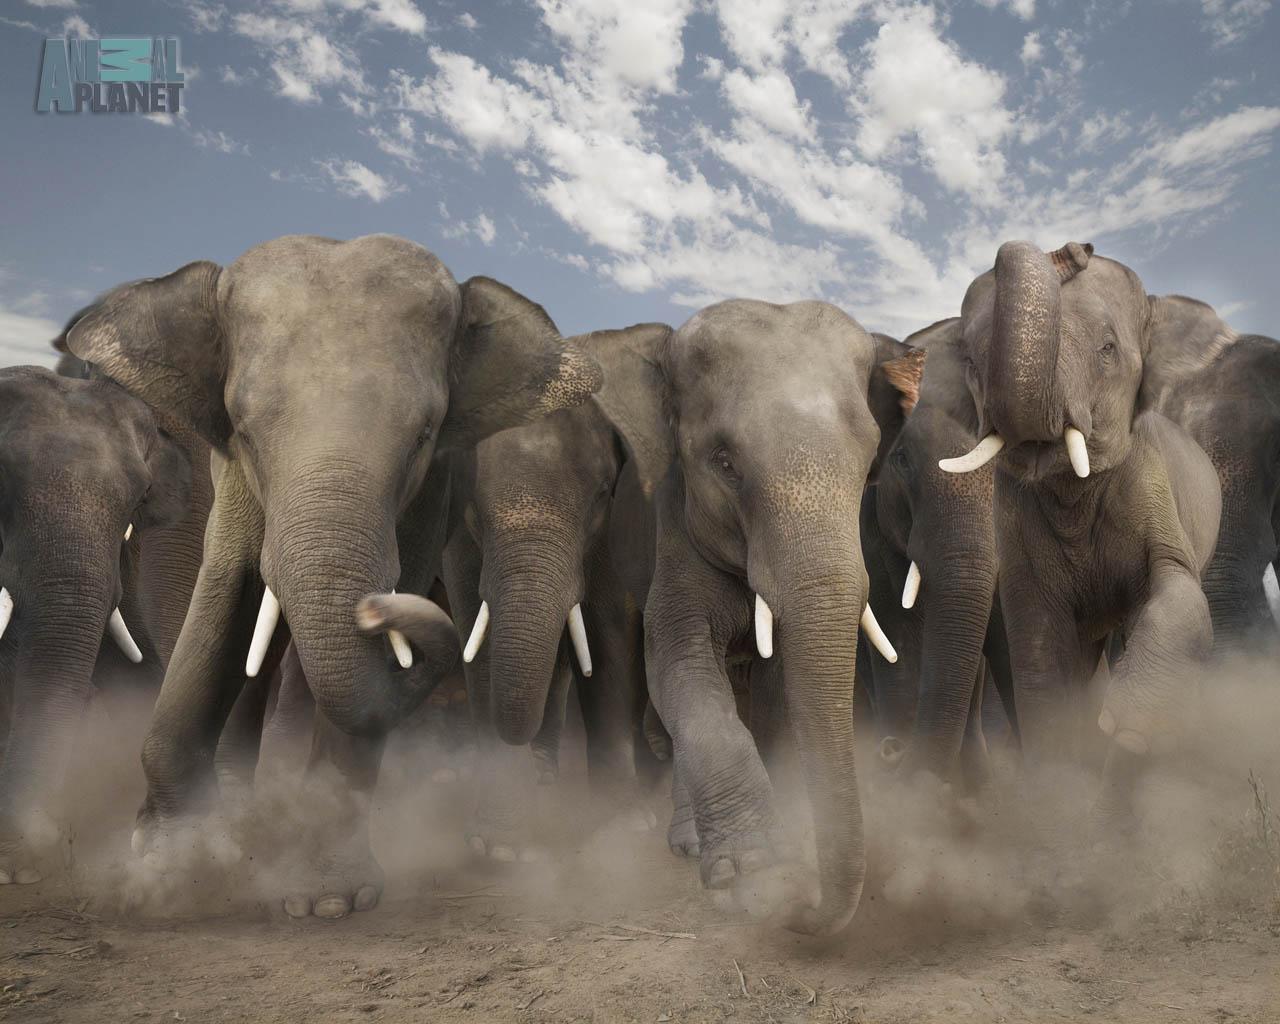 http://3.bp.blogspot.com/-lzzZqZR7eTo/TggLDNd-pAI/AAAAAAAAAjQ/n_D5vg8NmXA/s1600/wallpaper+elefantes.jpg